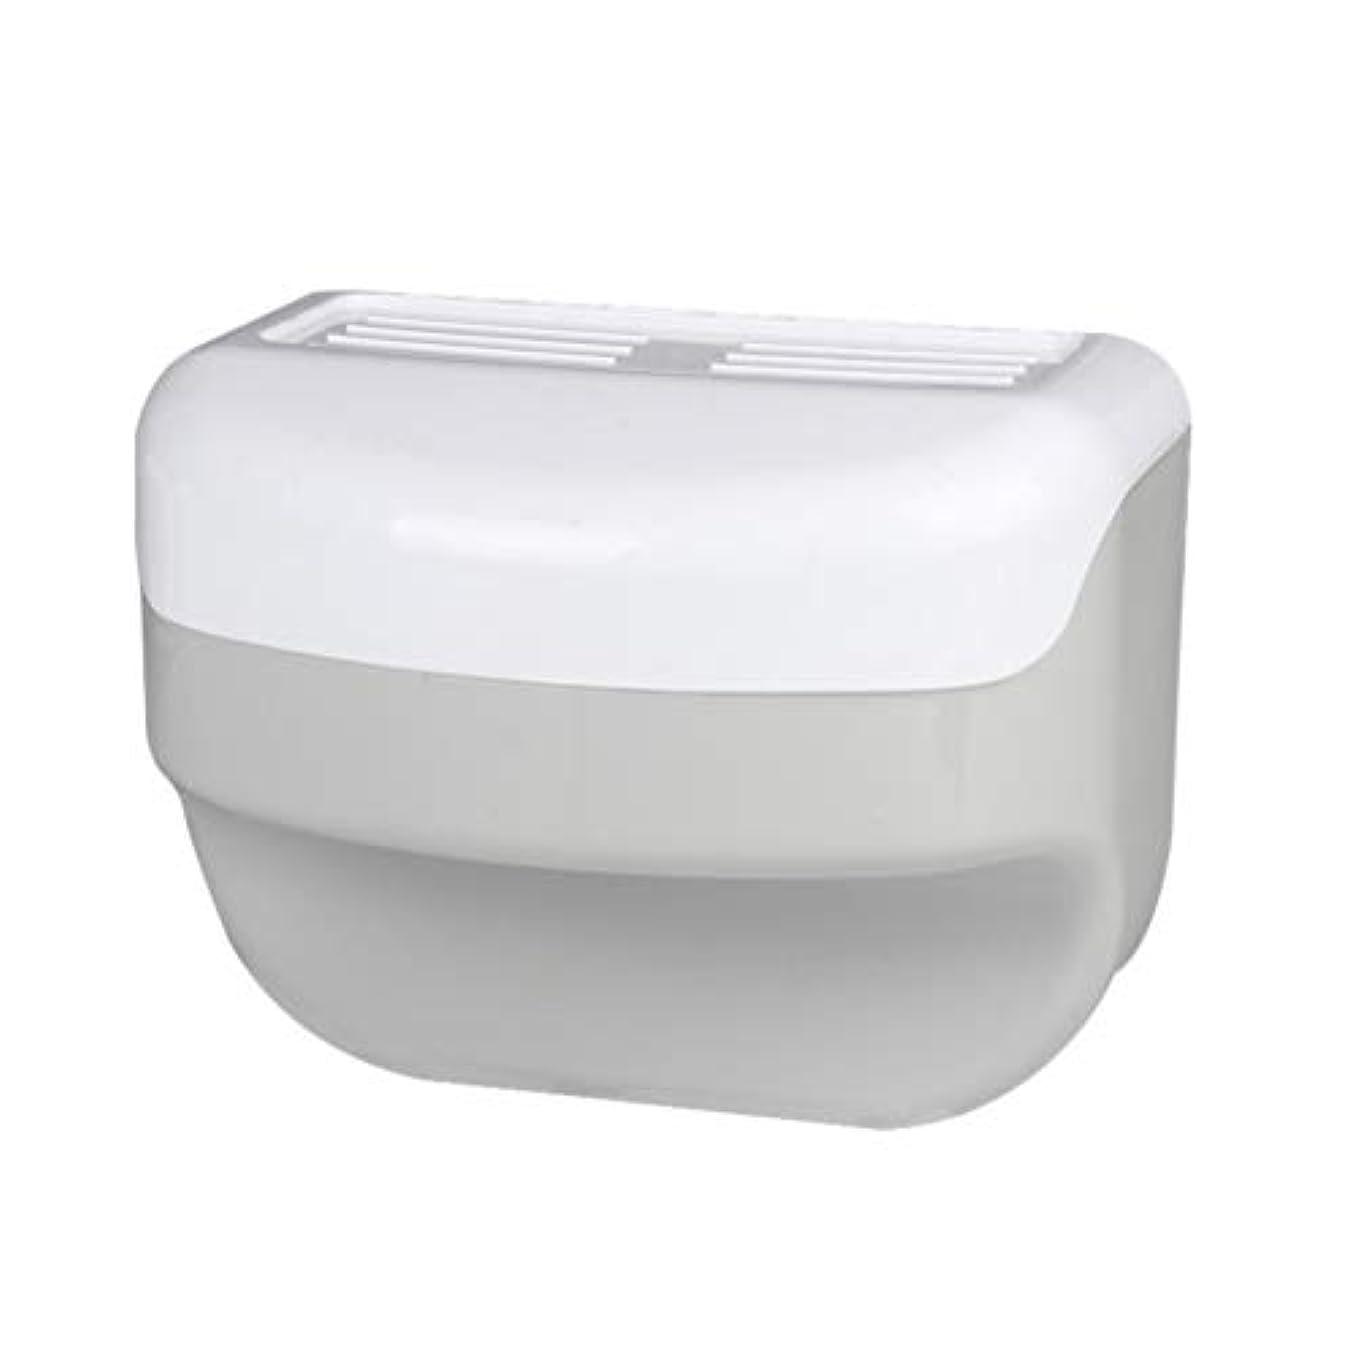 ホラーより息切れTOPBATHY 浴室トイレティッシュボックスラック壁吸盤ロールホルダーフリー掘削ネイルフリーティッシュボックス